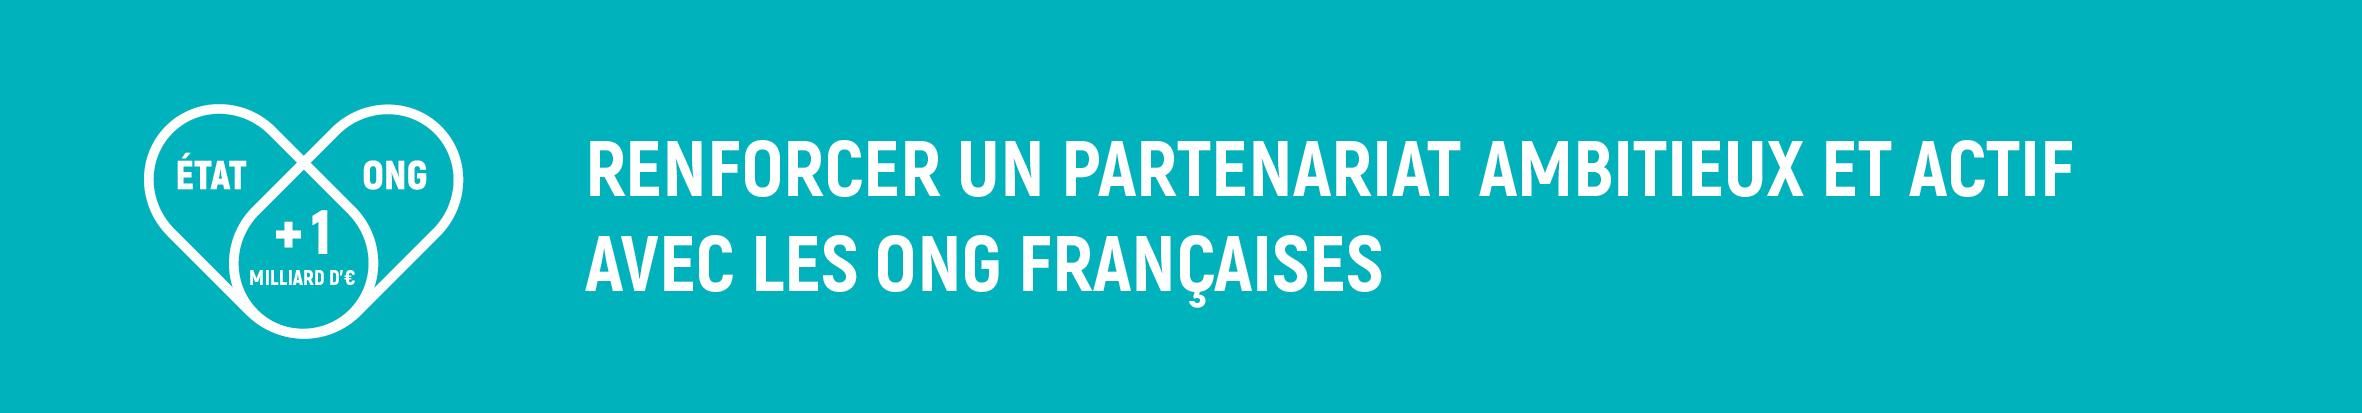 bloc-marqeurs4